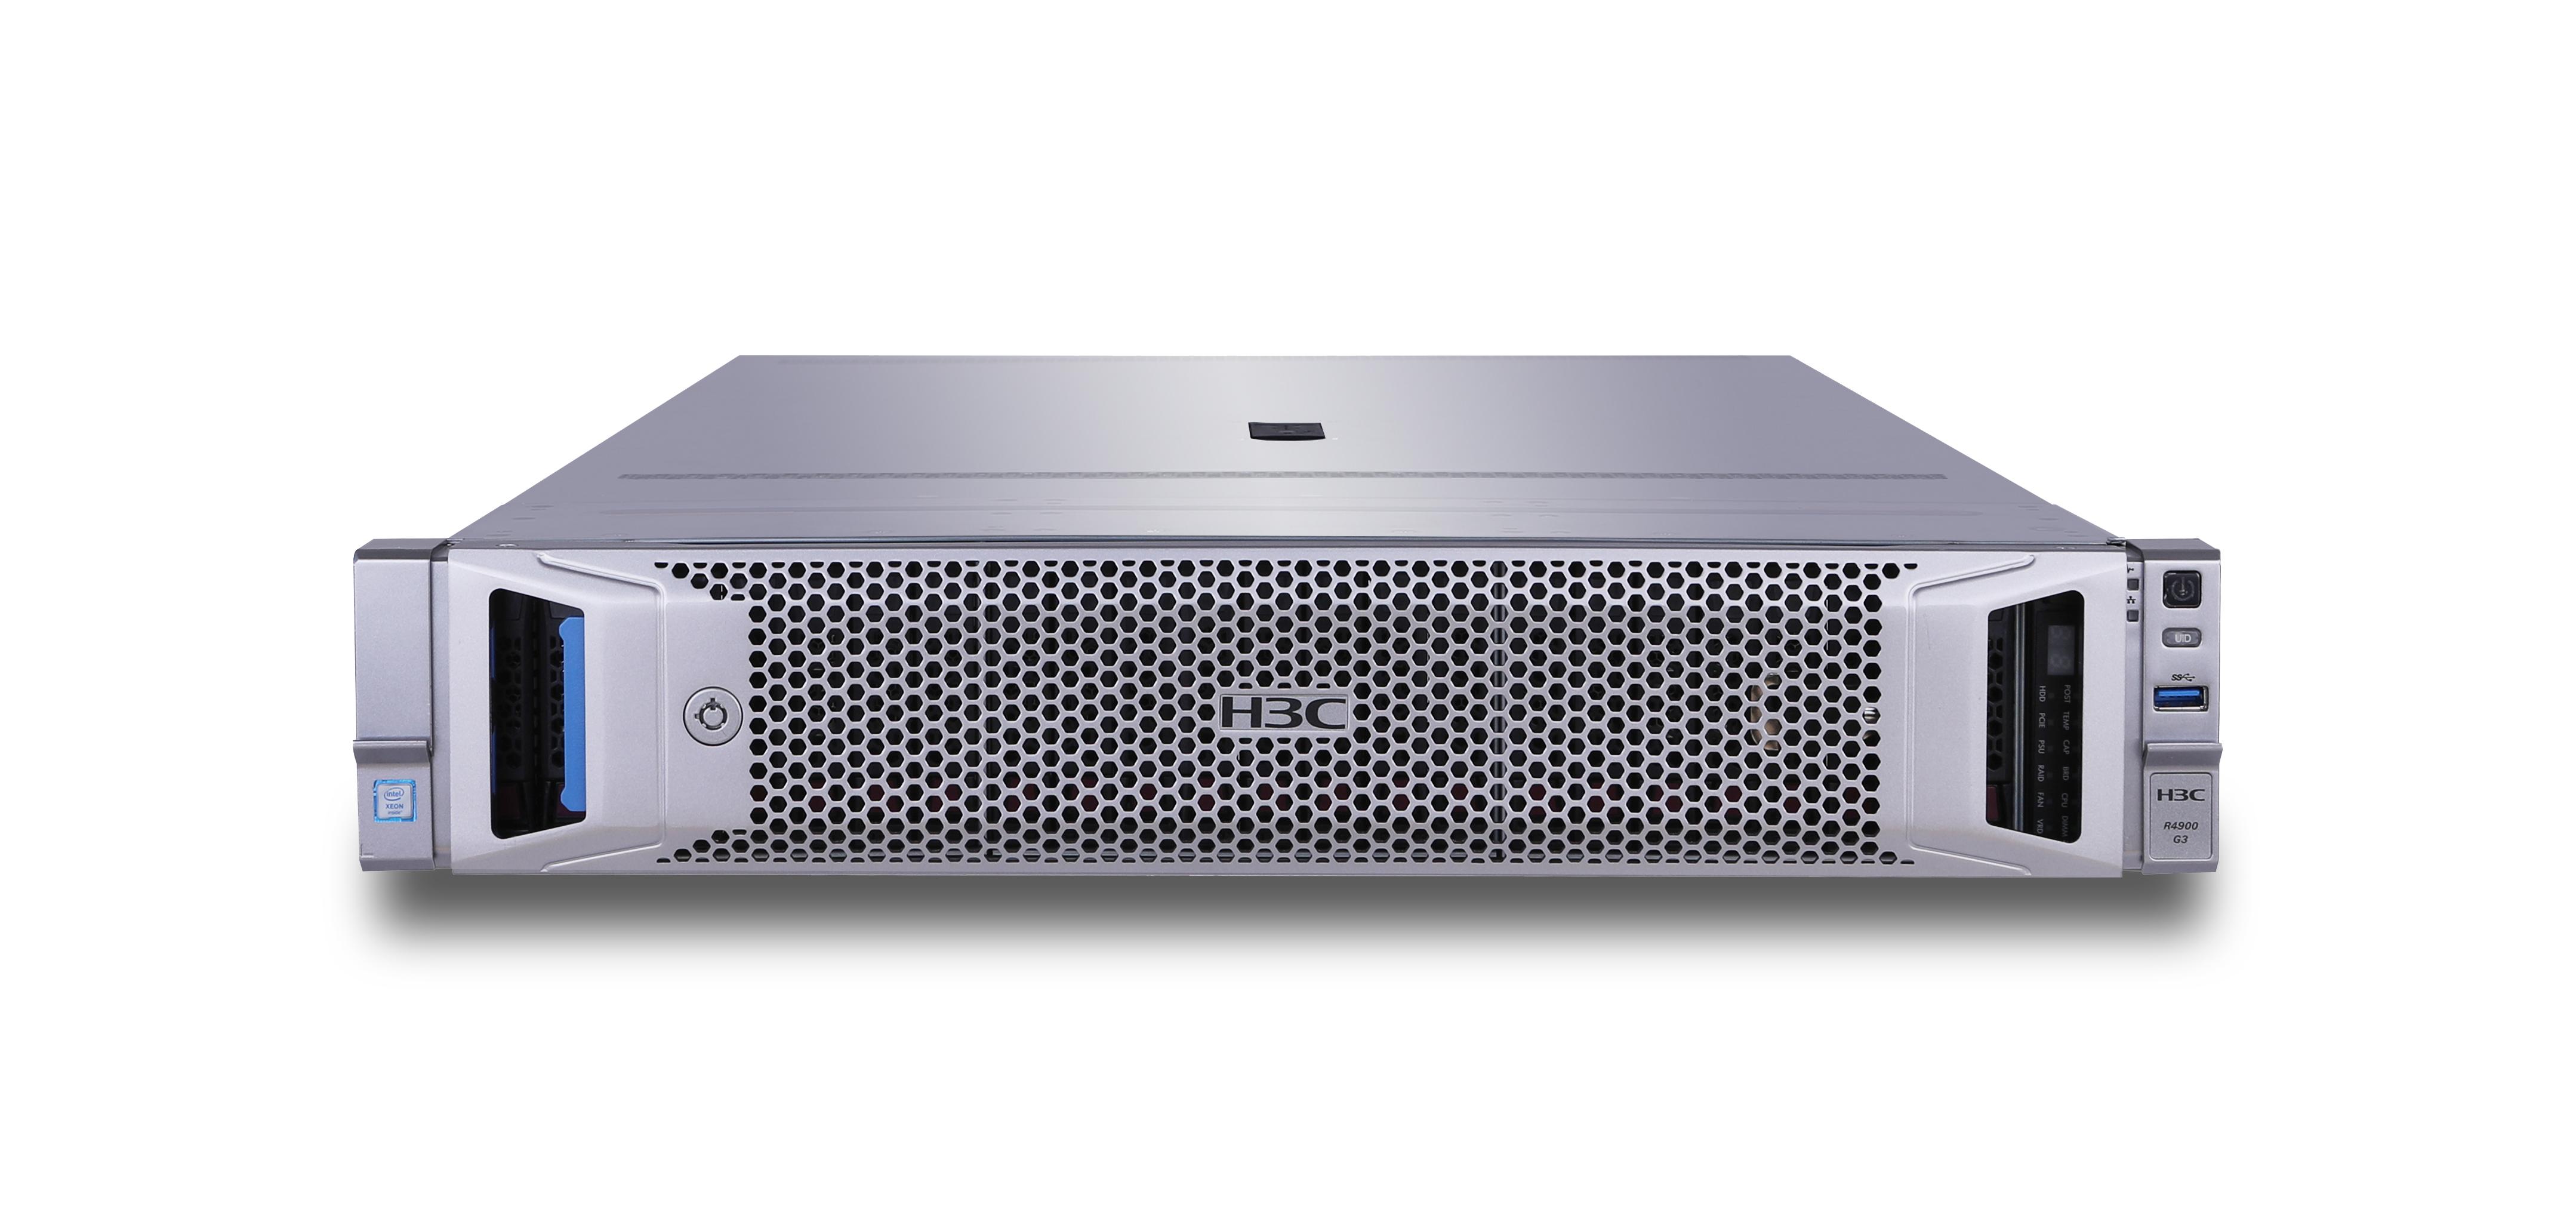 高性能+高扩展 H3C UniServer G3服务器带来全新计算体验